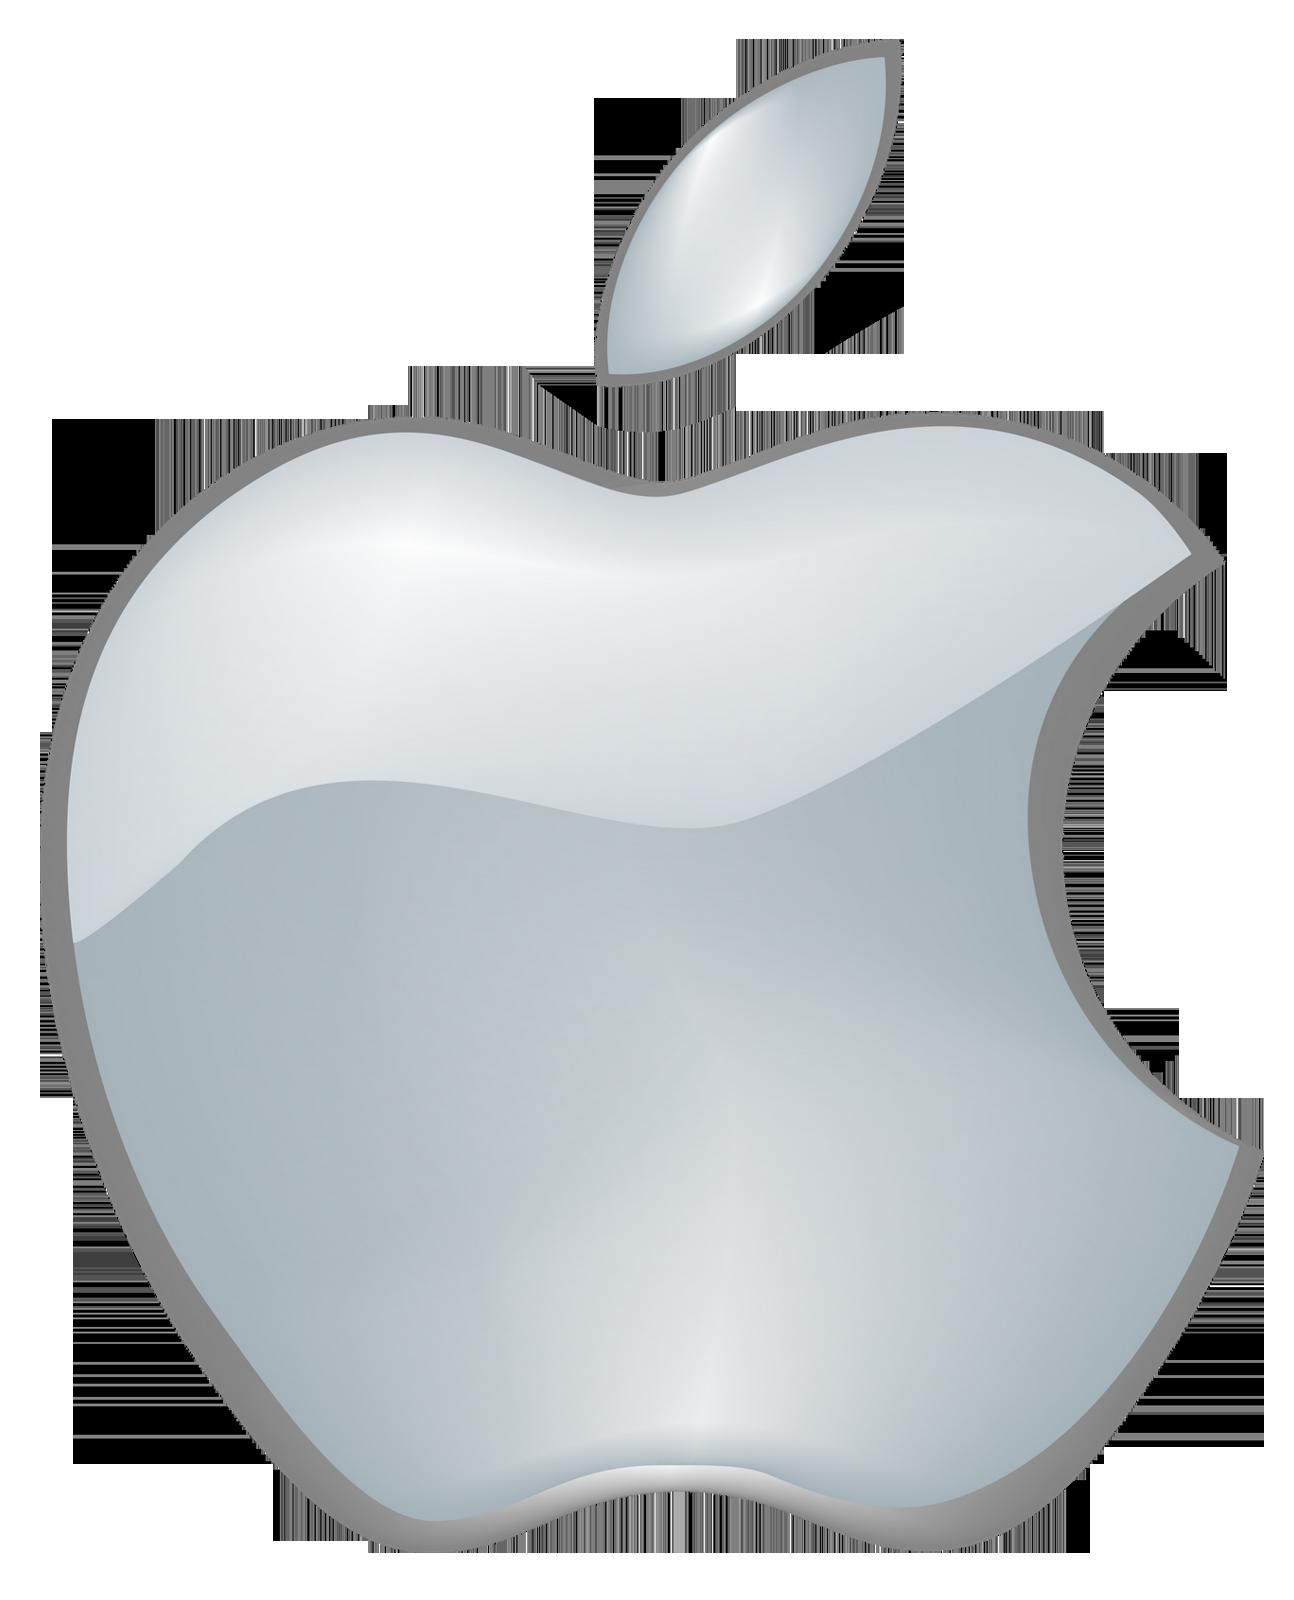 Afbeeldingsresultaat voor apple logo